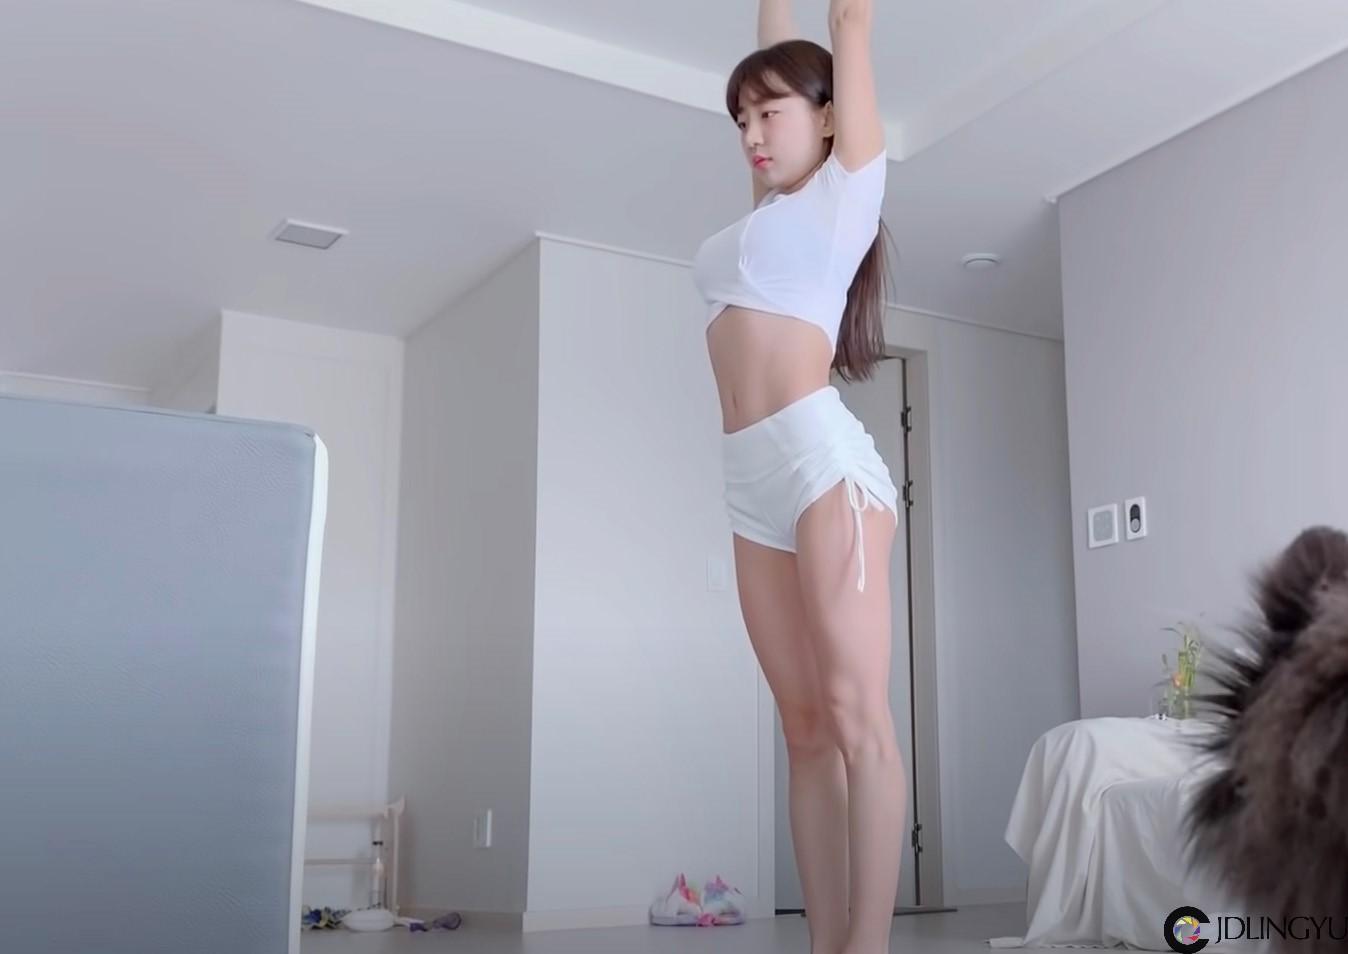 丰满型Youtuber!韩国正妹「Eunji Pyo」居家健身影片爆红